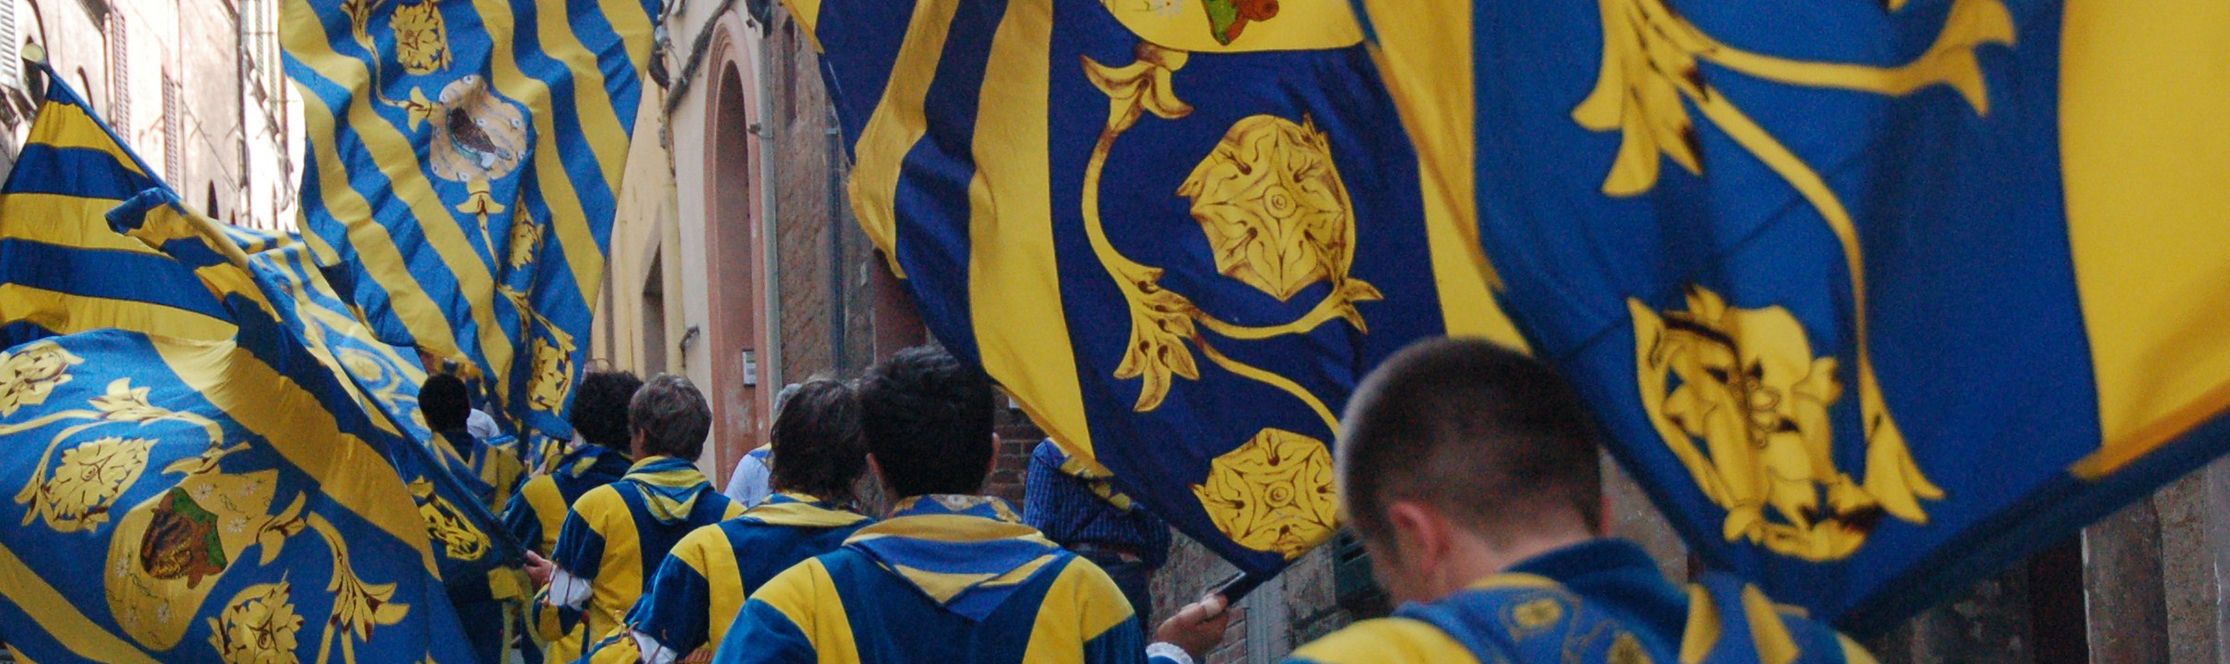 El Palio de Siena: